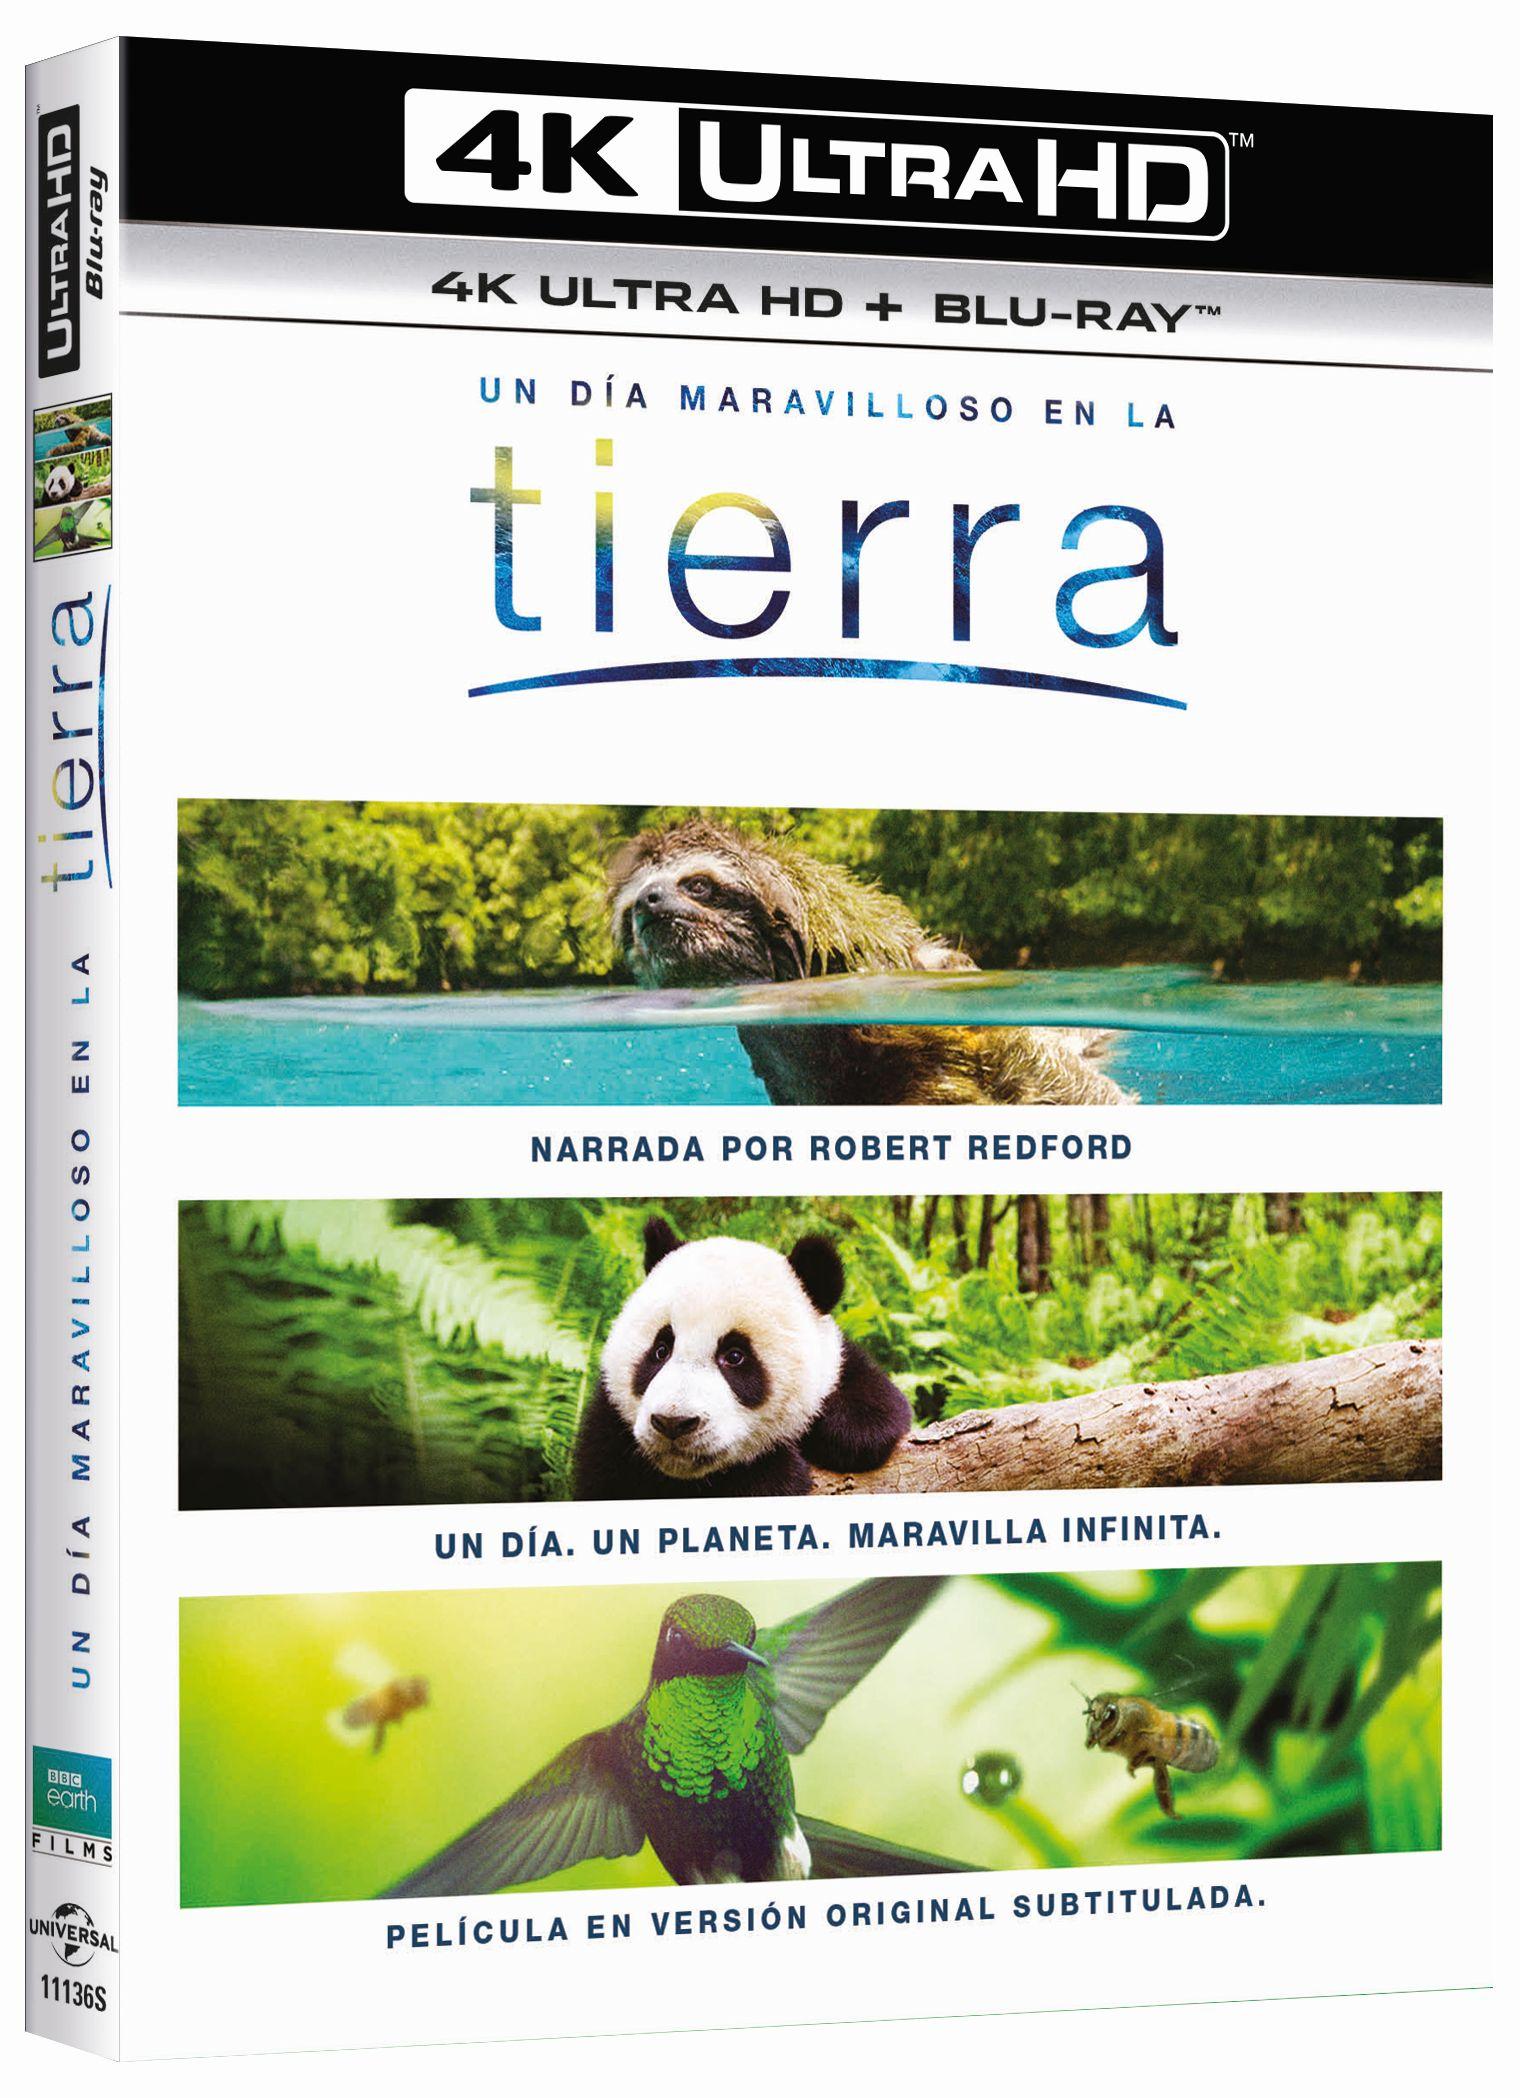 'Tierra: Un día maravilloso' llegará en 4K Ultra HD el 7 de marzo • En tu pantalla